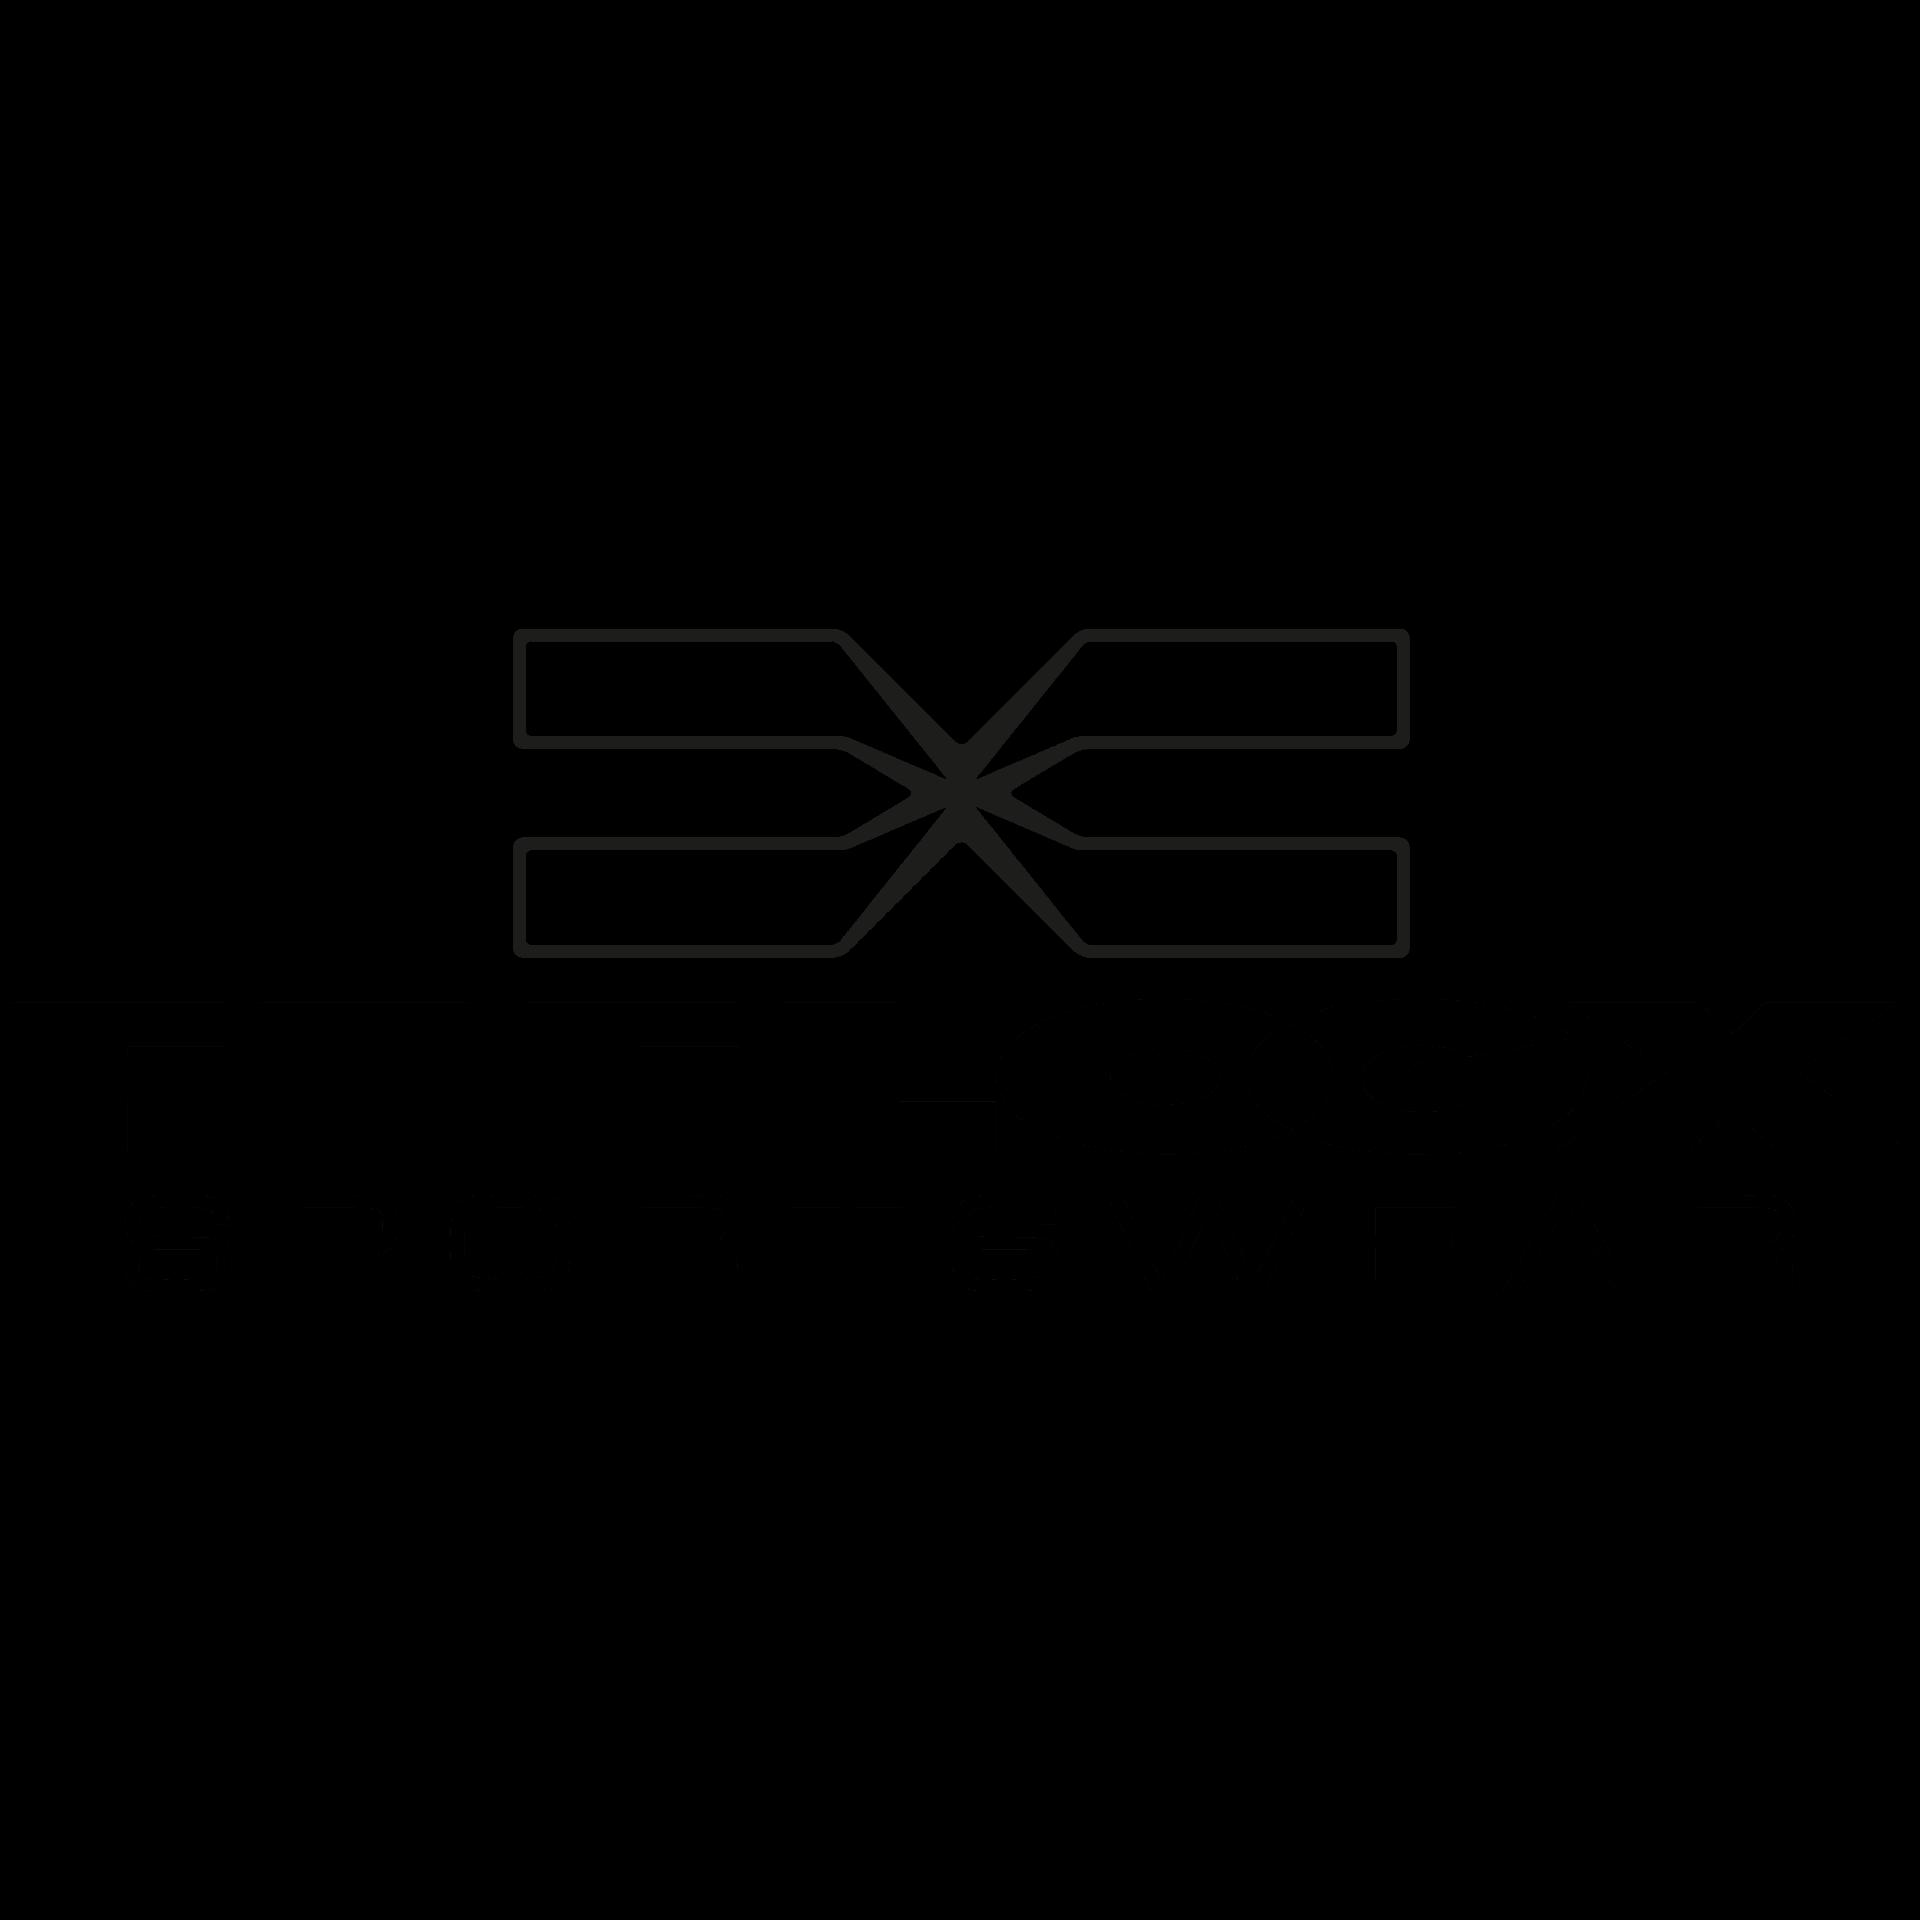 FEFLOGX Sportswear Logo, weißer Hintergrund.